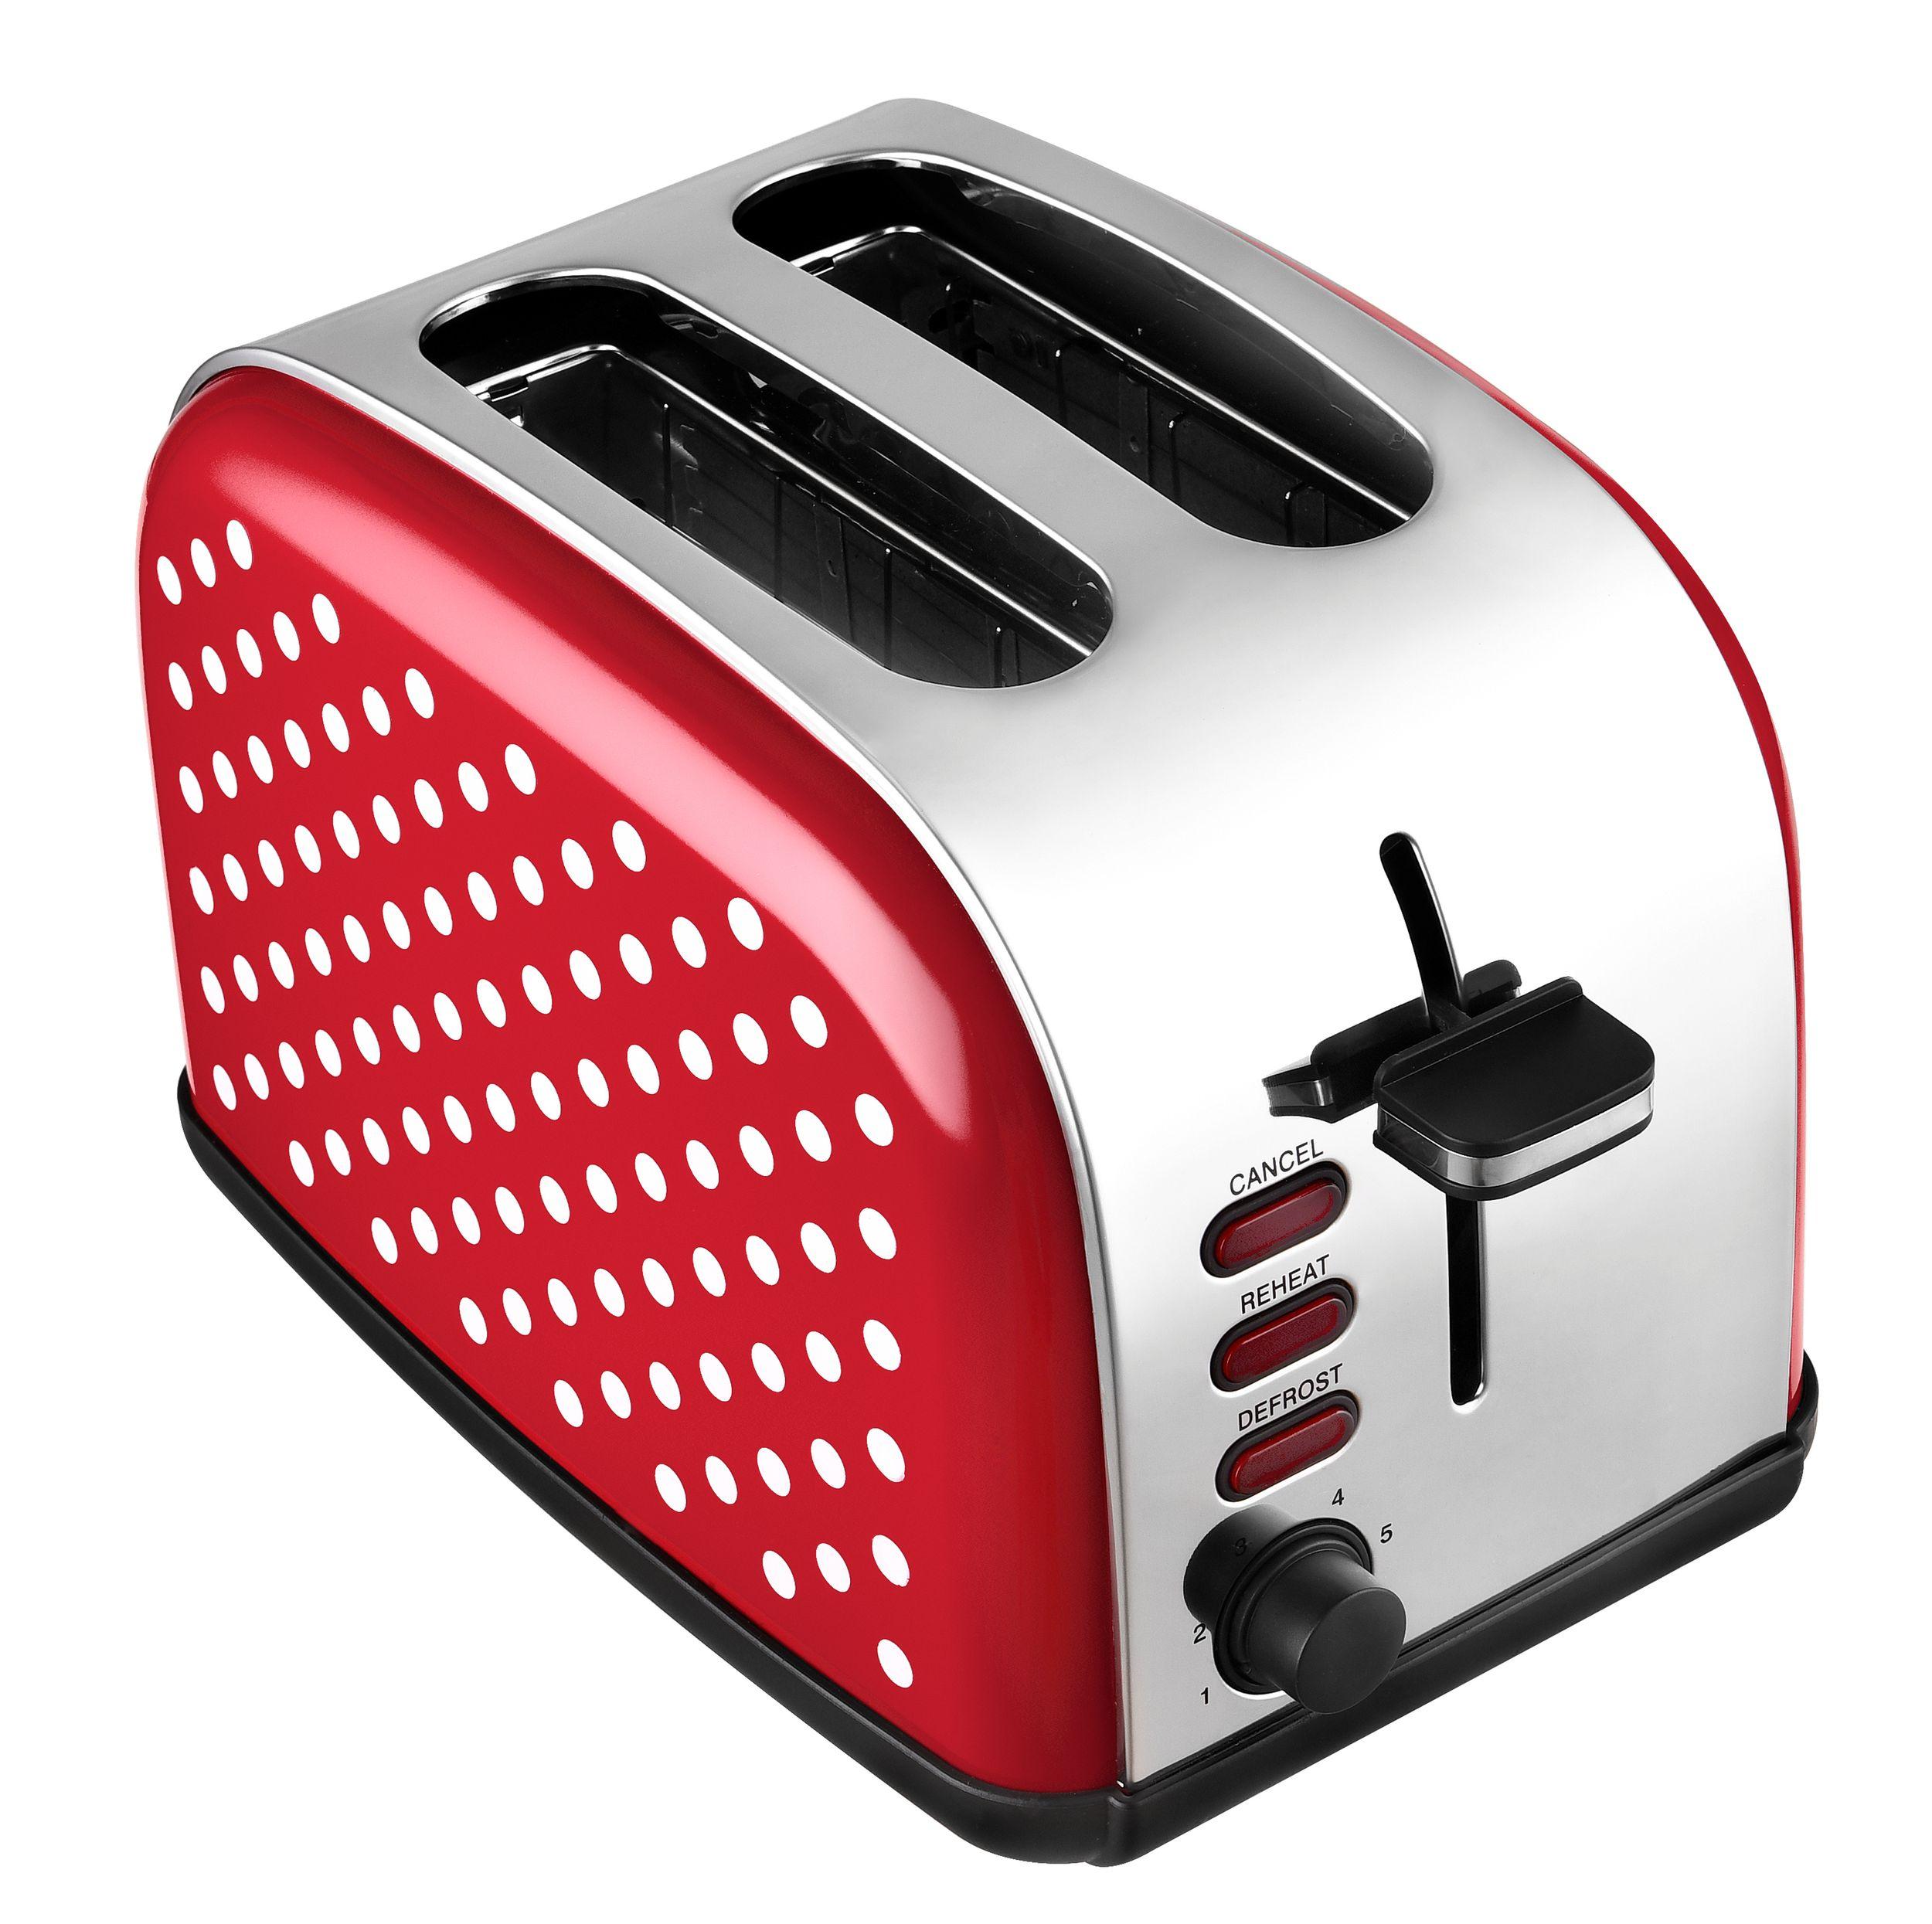 2-Scheiben-Edelstahltoaster Retro-Design rot-weiß gepunktet Brötchenaufsatz NEU*89919 Bild 2